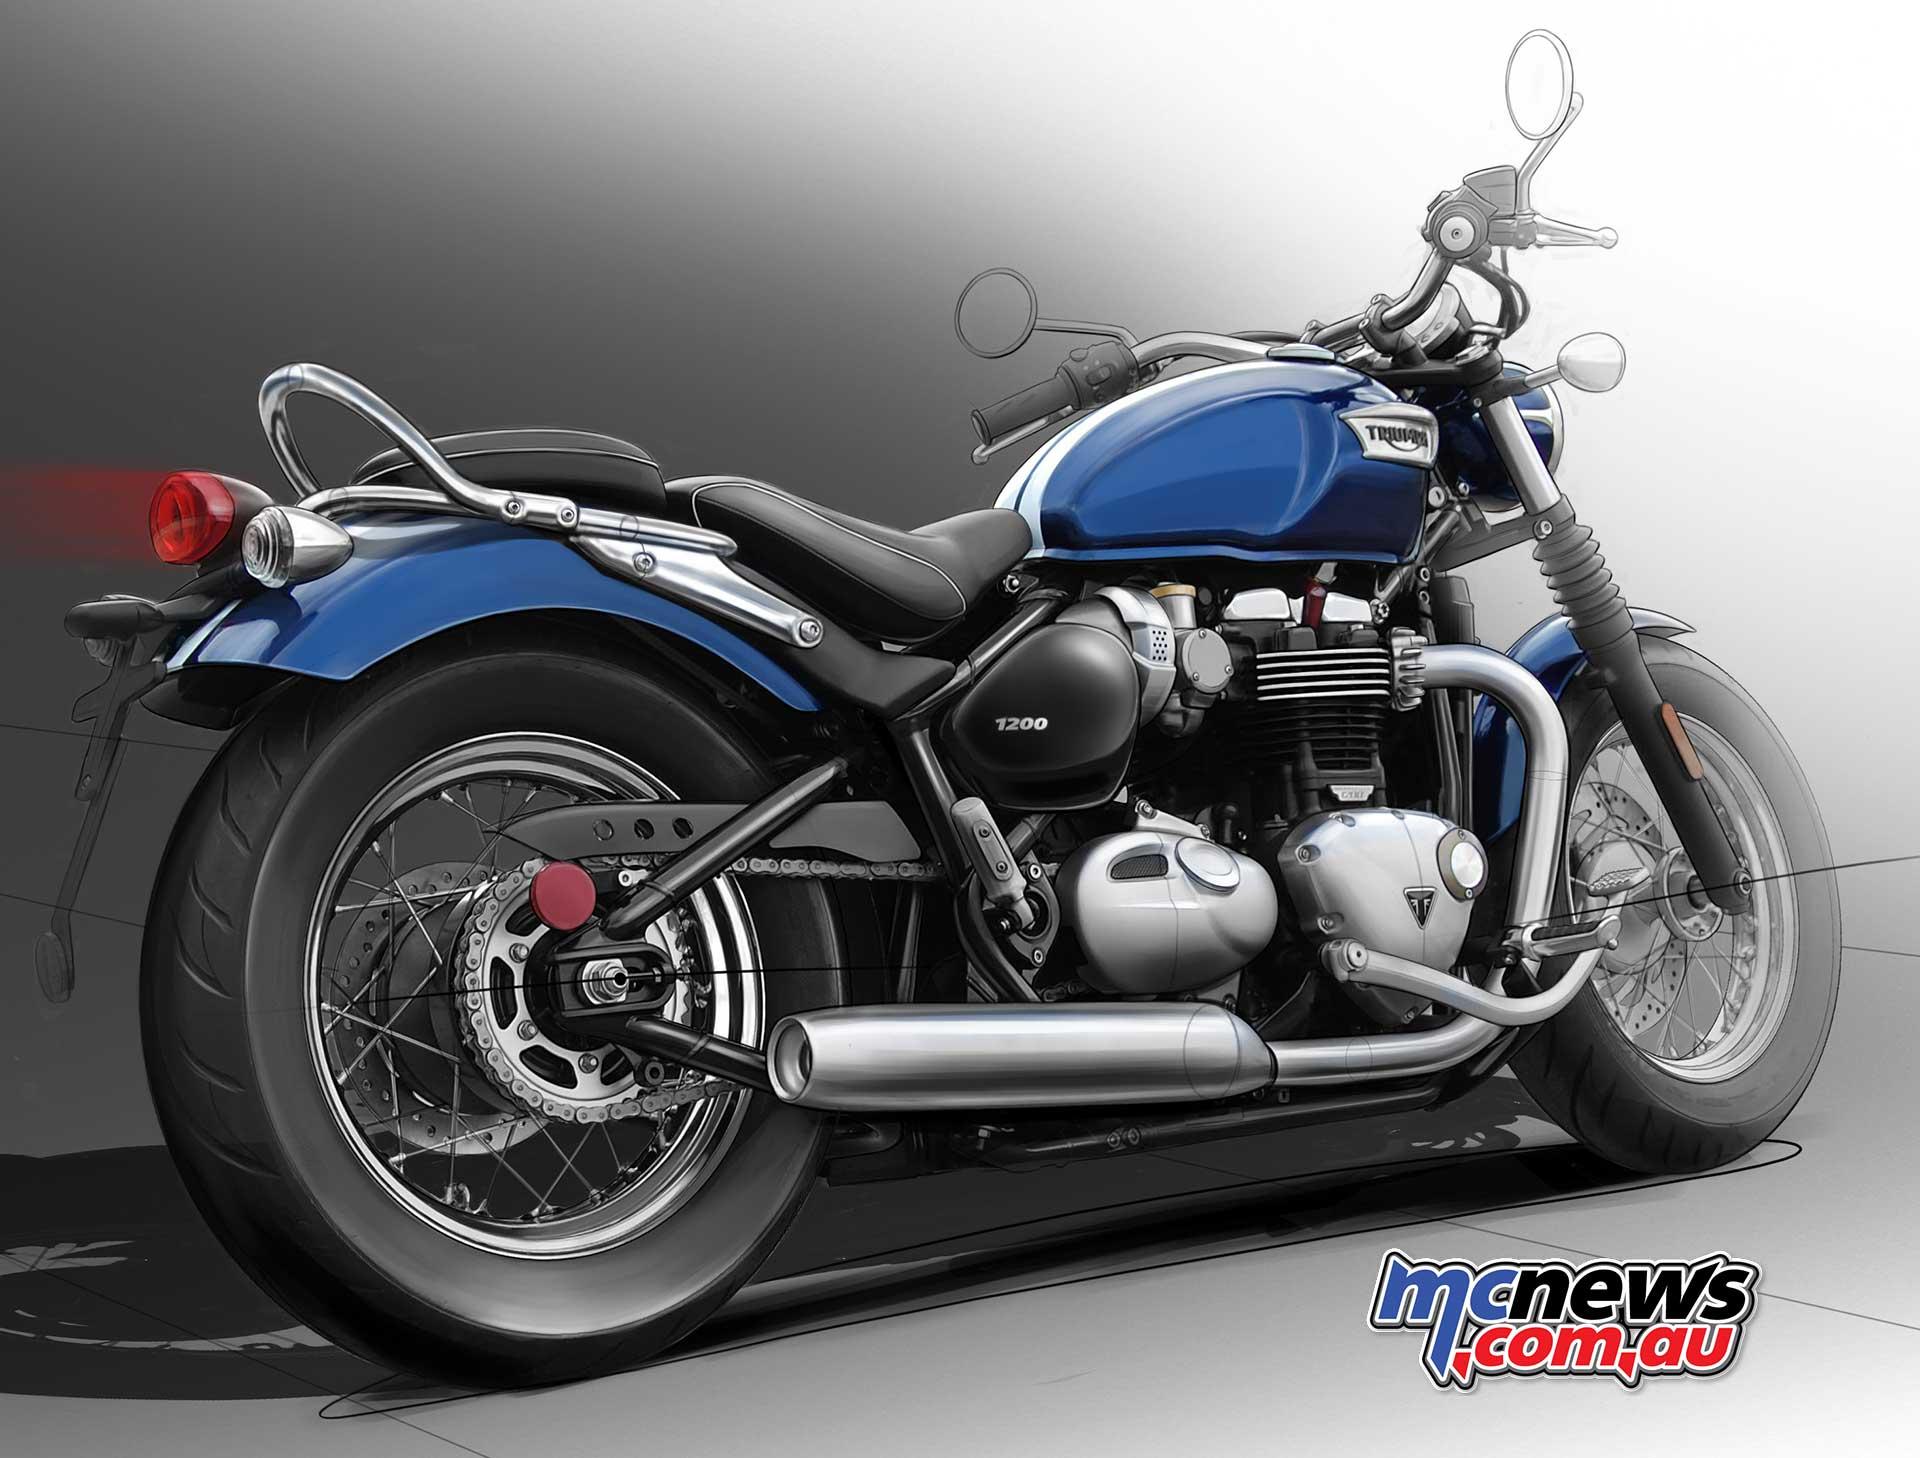 2018 Triumph Bonneville Speedmaster Hi Spec Versatile New Bonneville